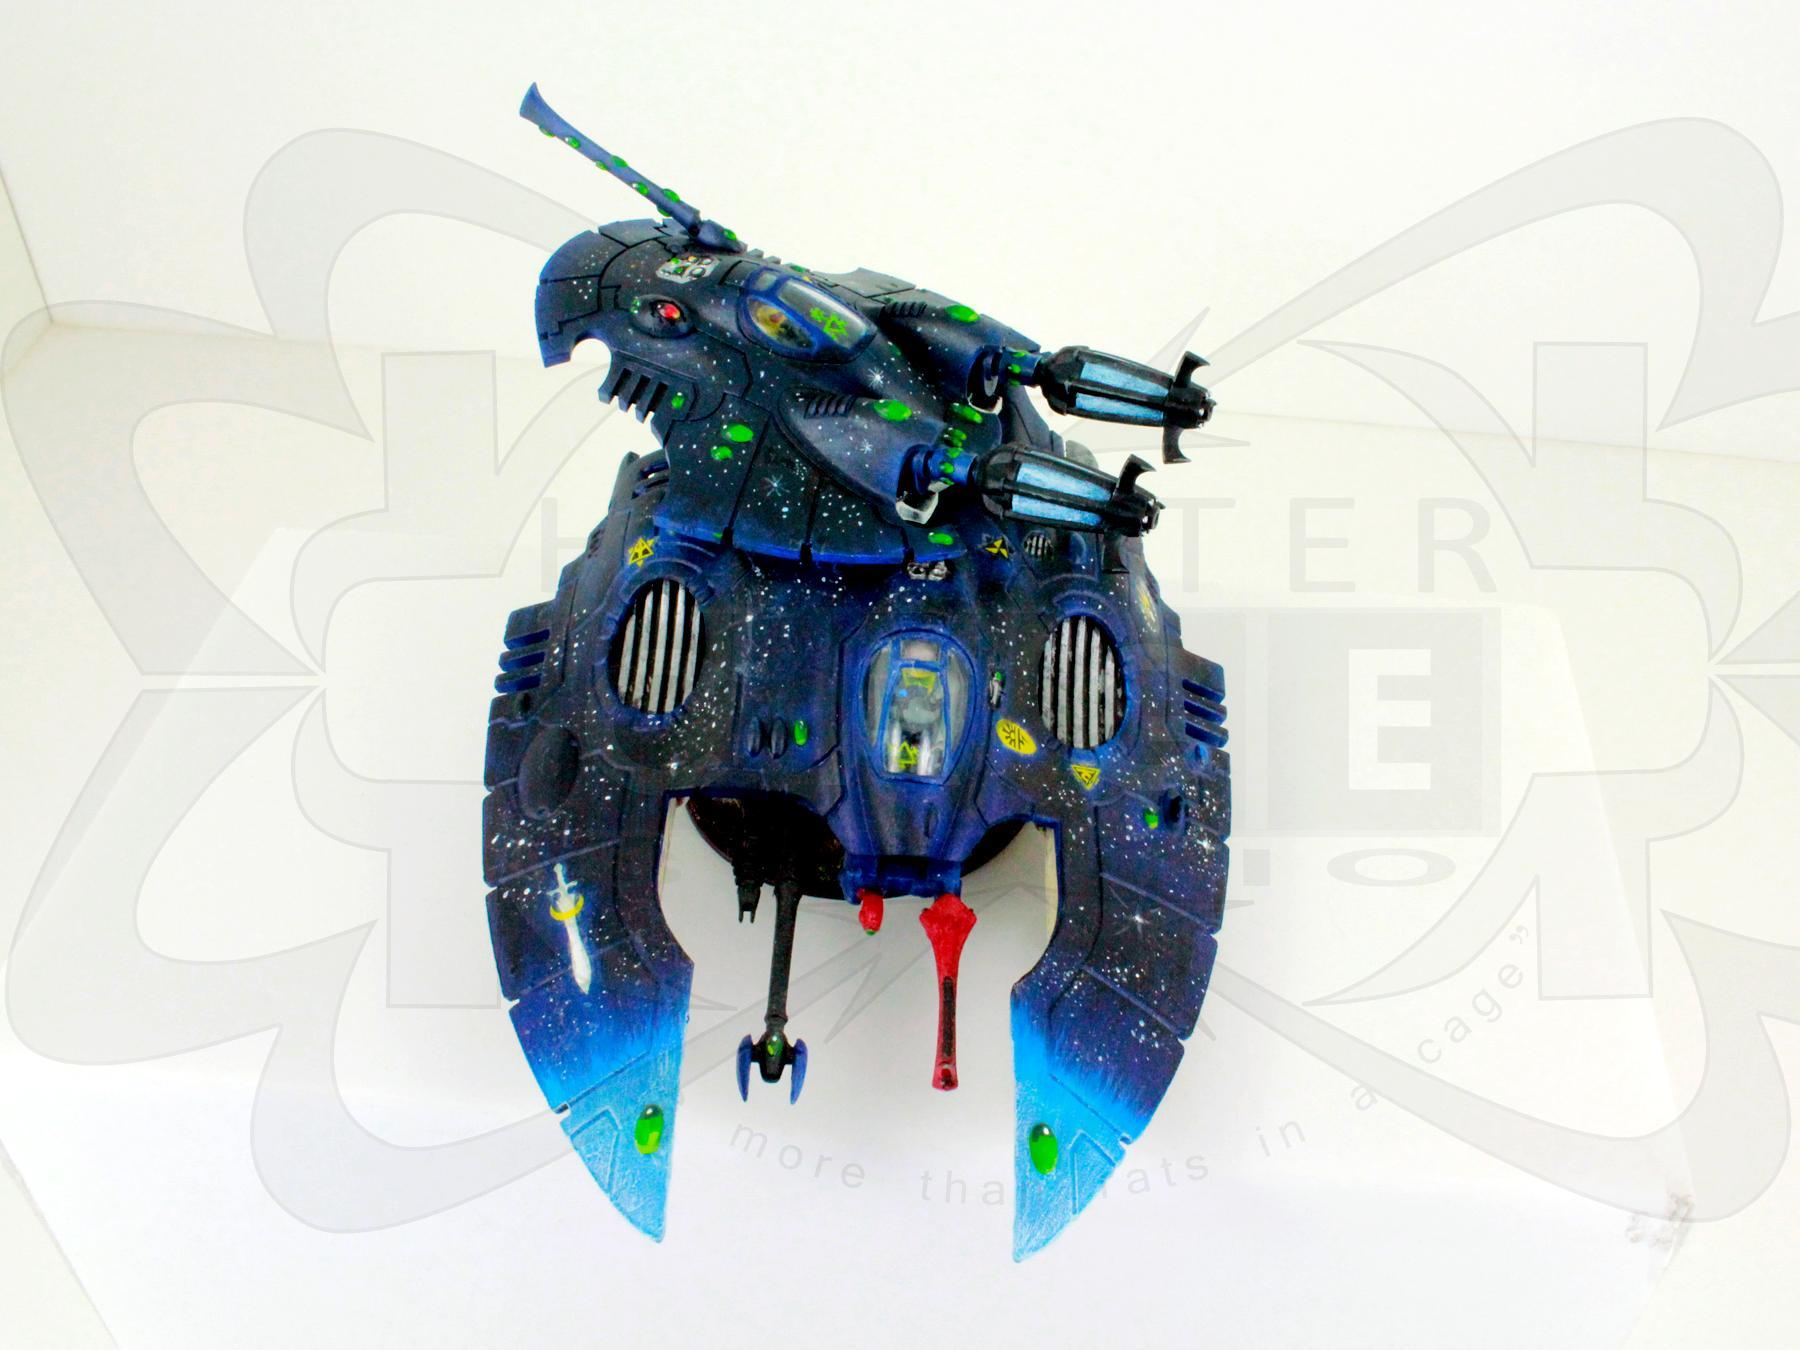 Conversion, Eldar, Eldar Jetbike, Eldar Nightspinner, Eldar Wave Serpent, Fast, Freehand, Mural, Nightspinner, Skimmer, Tank, Warlock